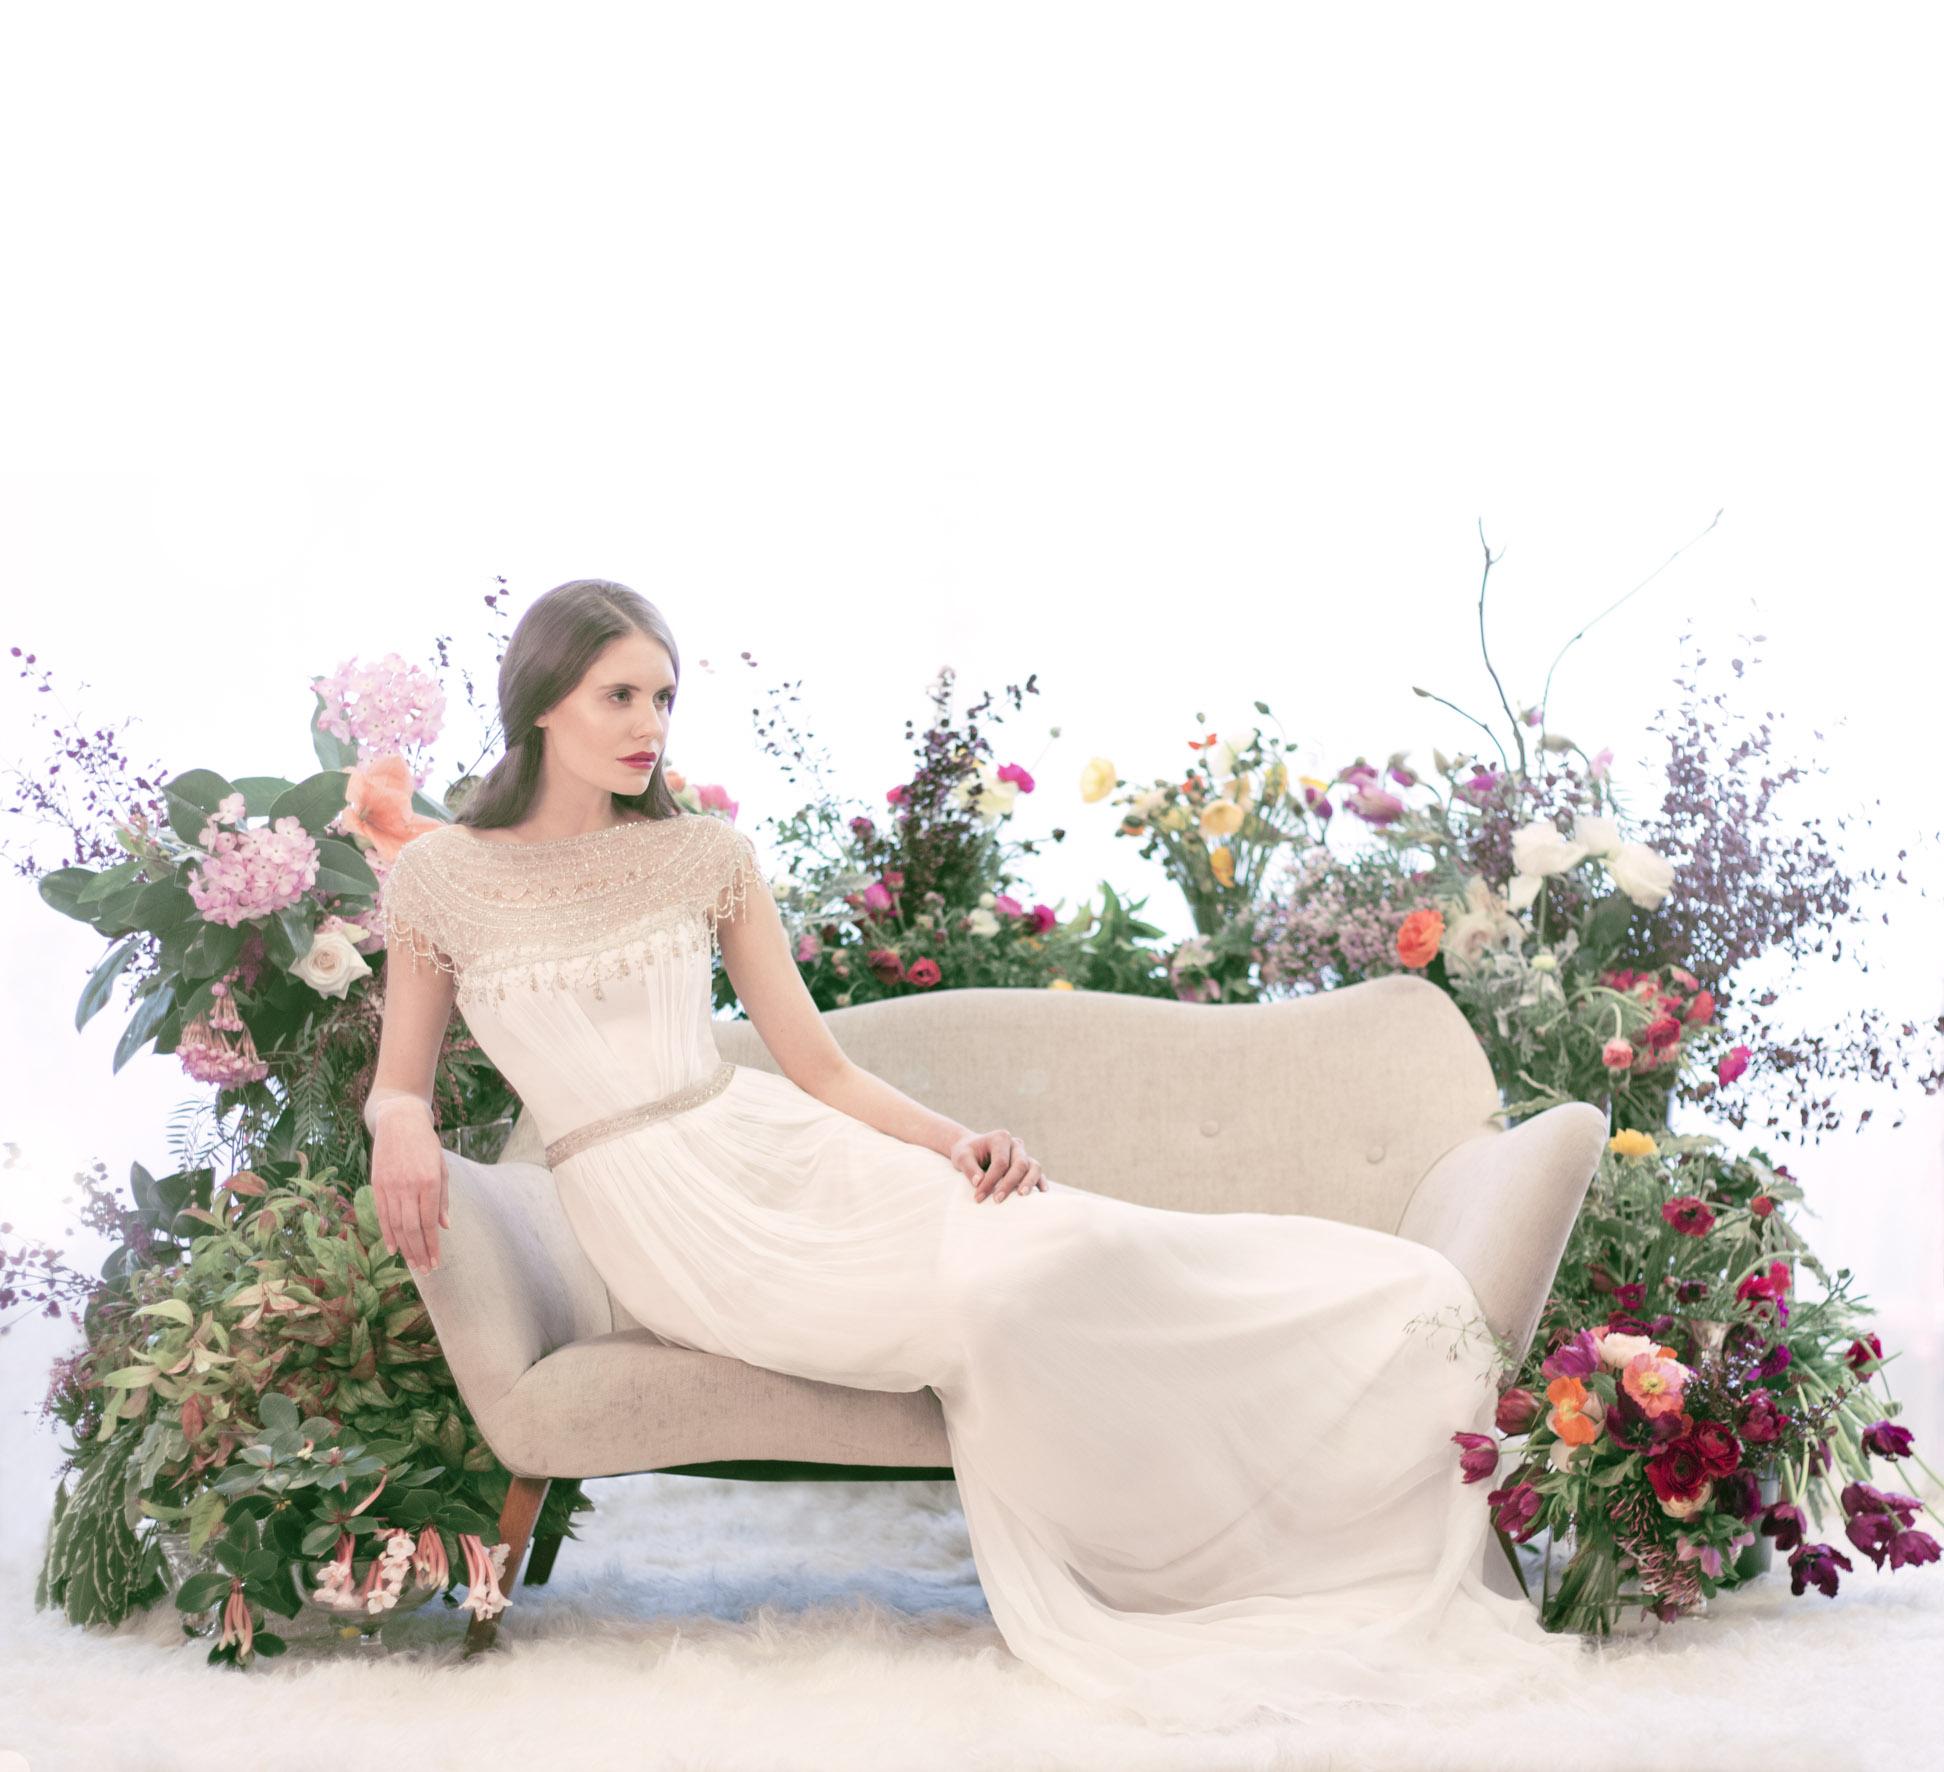 300dpi-Alexis-Front-Gwendolynne-Wedding-Dress-.jpg